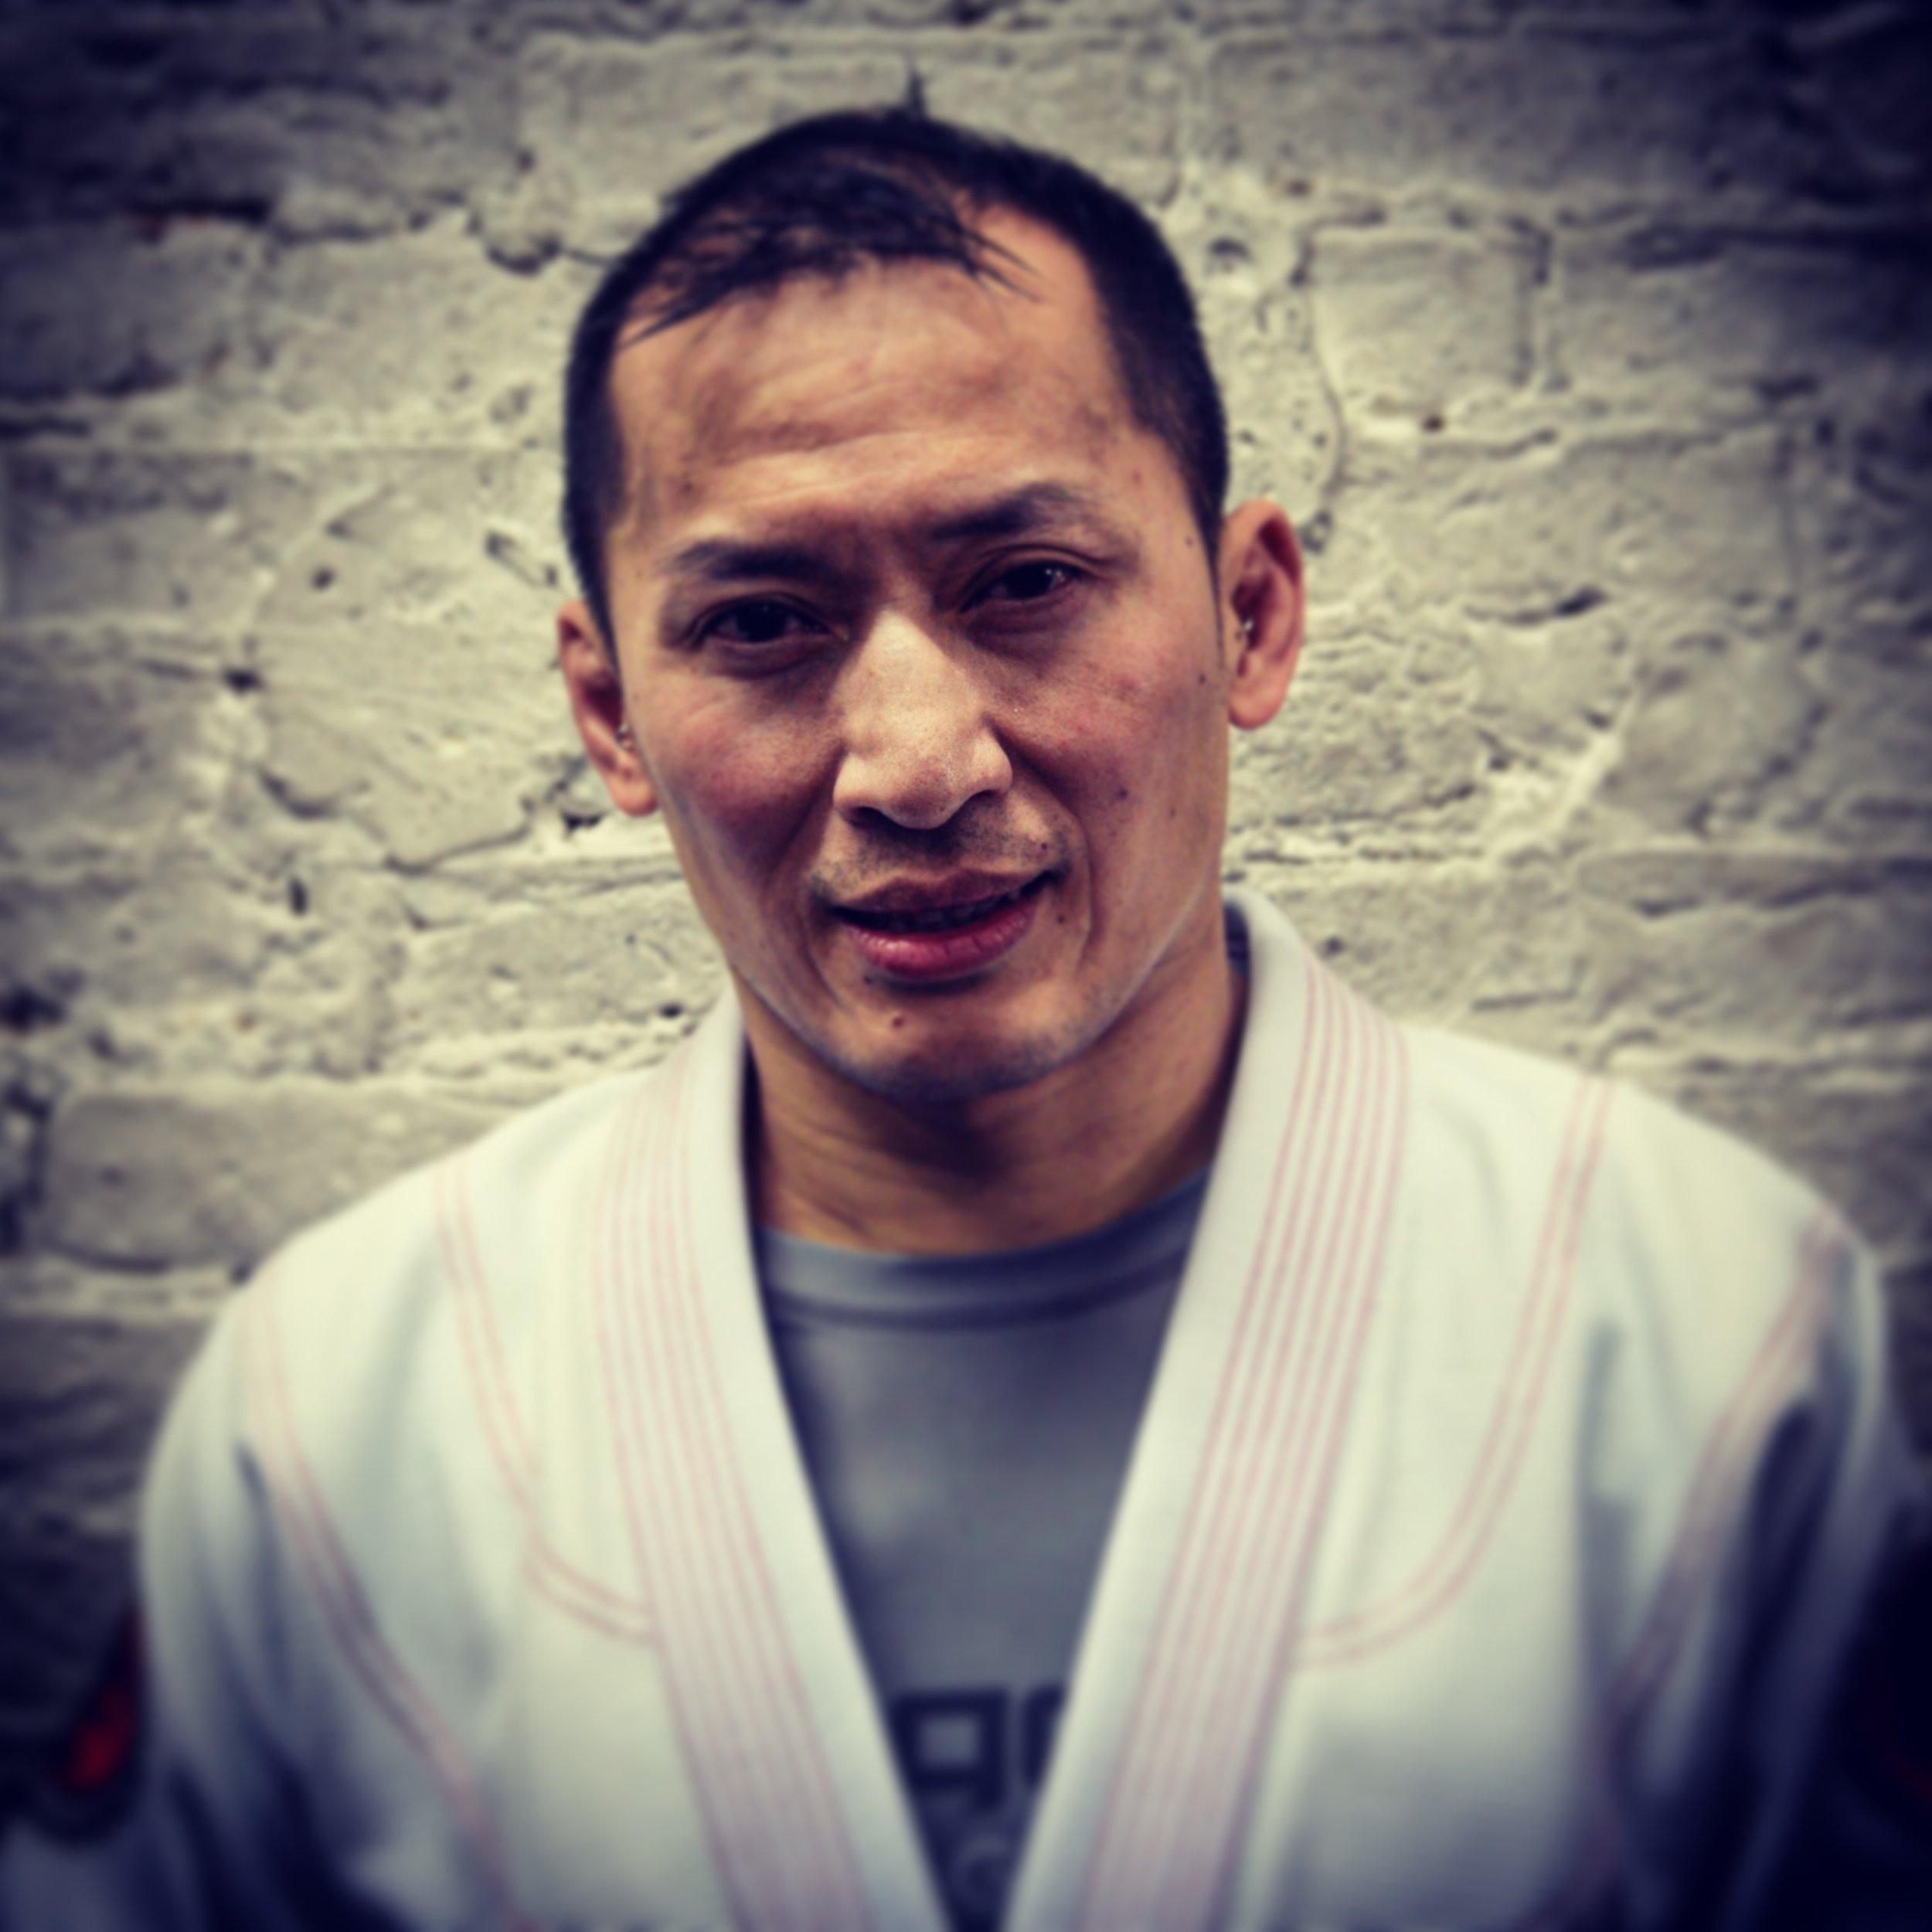 CHUONG PHAM - Brazilian Jiu-Jitsu Black Belt